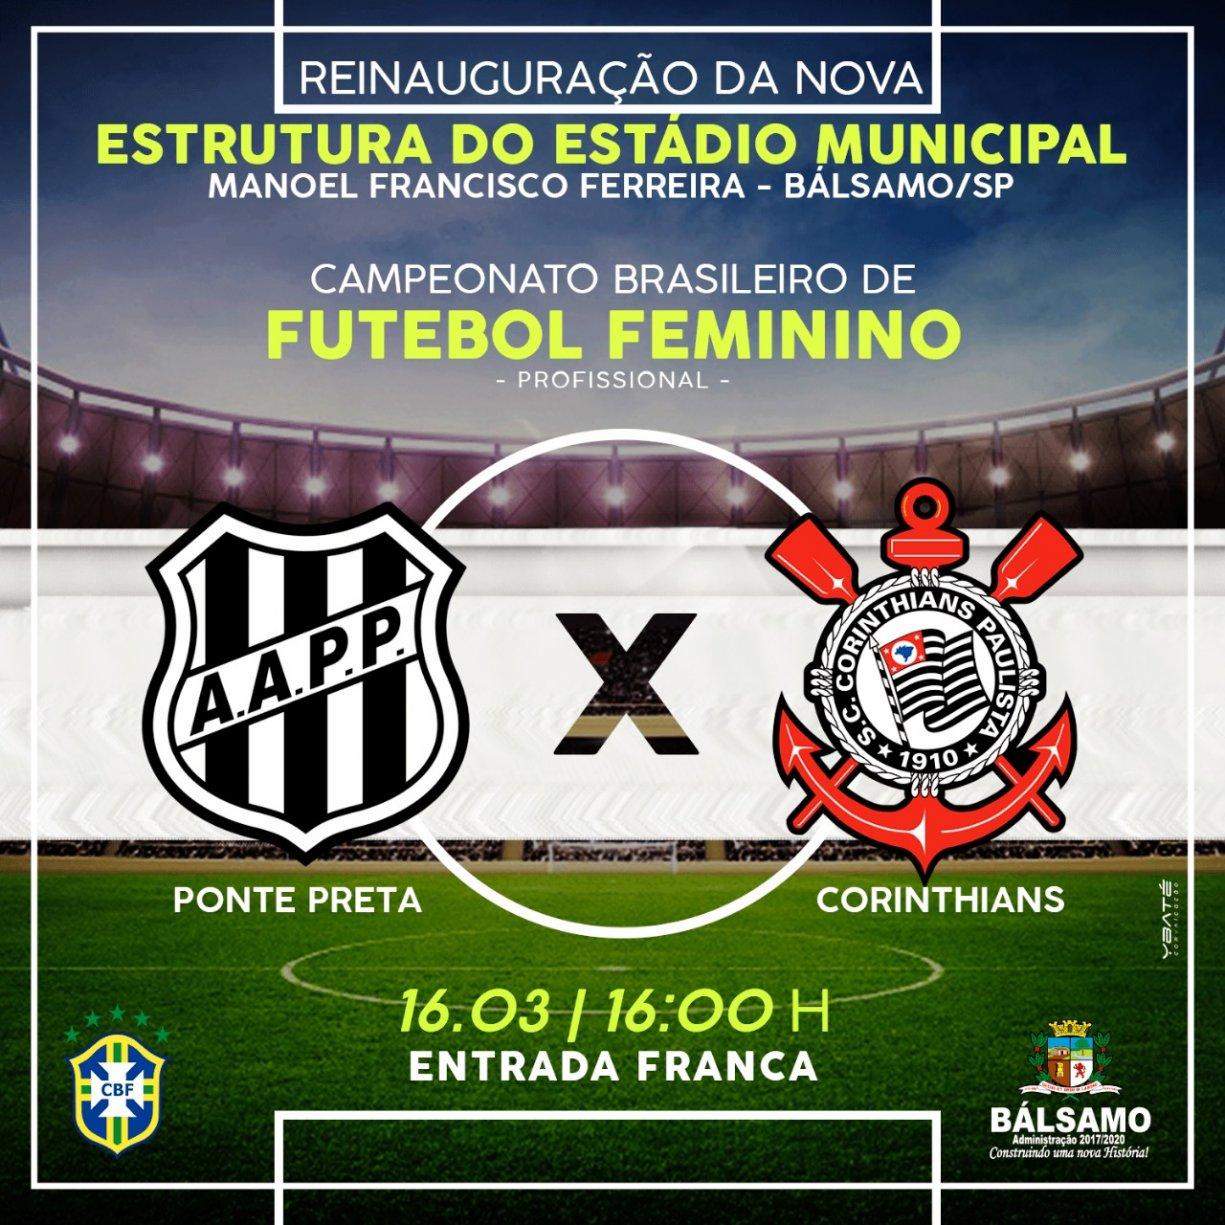 DE CASA NOVA: Após revitalização, Estádio de Bálsamo vira palco de Ponte Preta e Corinthians em jogo válido pelo Campeonato Brasileiro de Futebol Feminino.